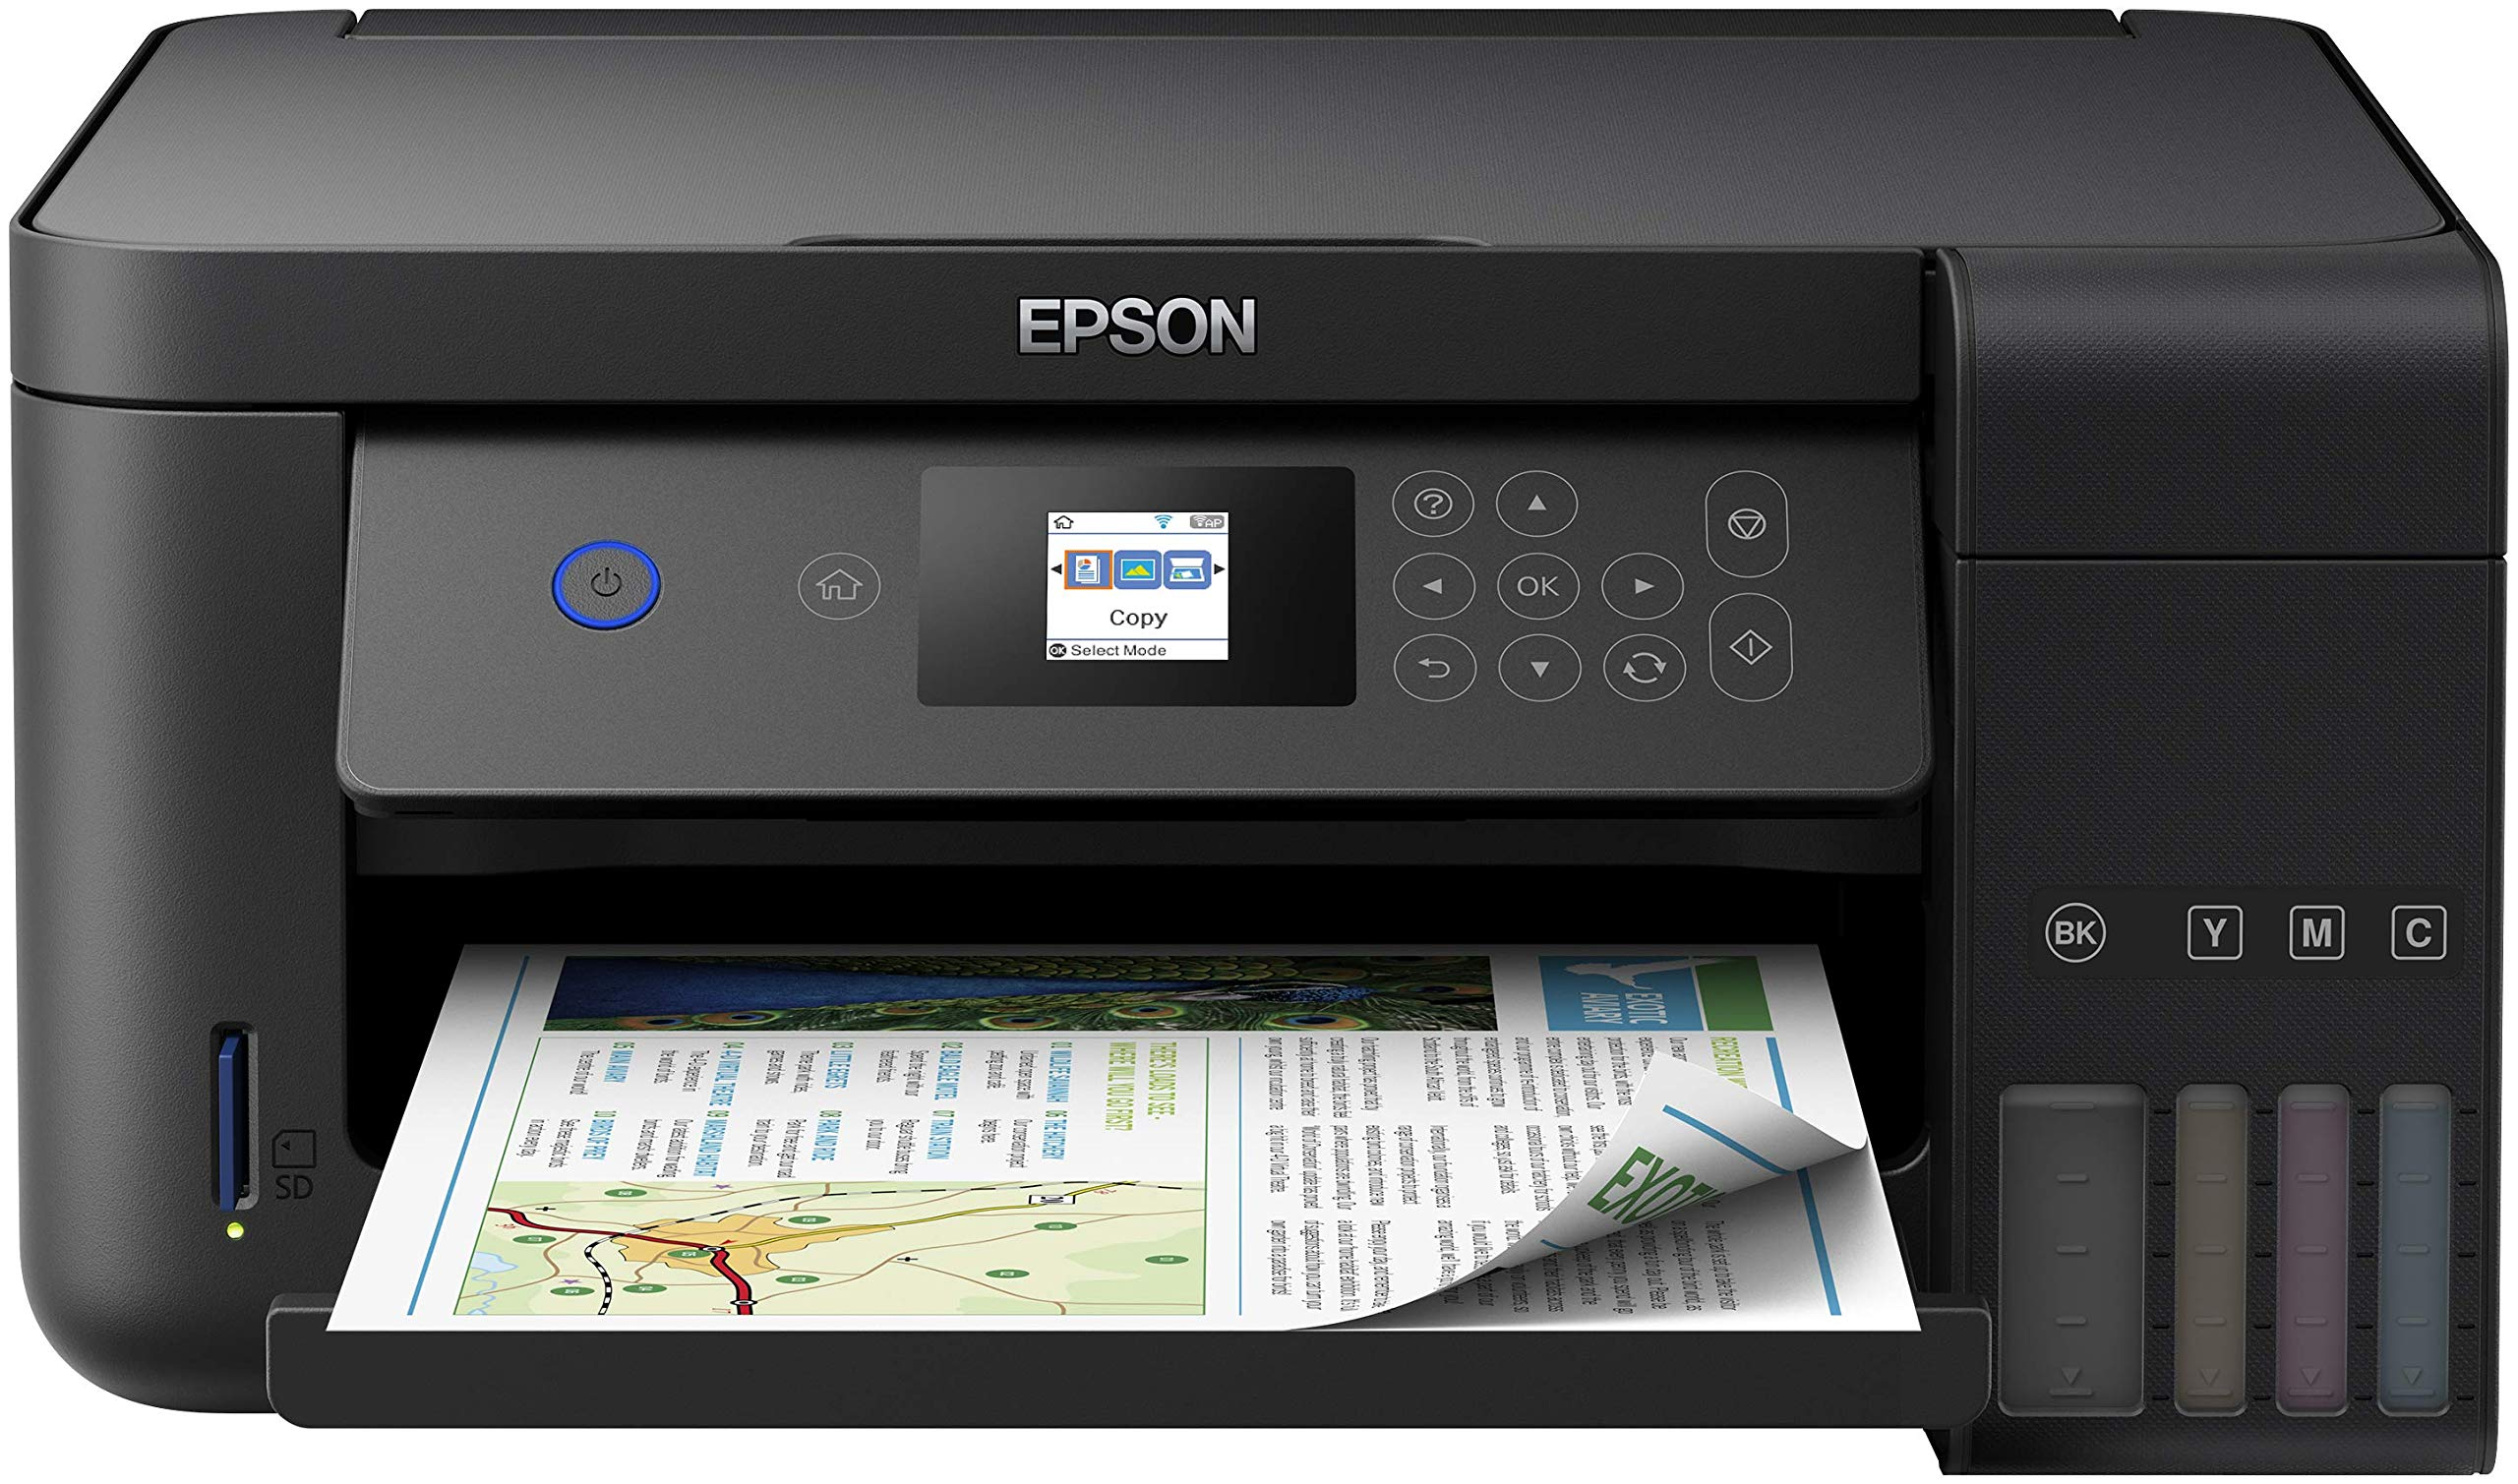 Epson EcoTank ET‑2750 5760 x 1440DPI Inyecci/ón de Tinta A4 33ppm Impresora multifunci/ón Inyecci/ón de Tinta, 5760 x 1440 dpi, 100 Hojas, A4, Impresi/ón Directa, Negro